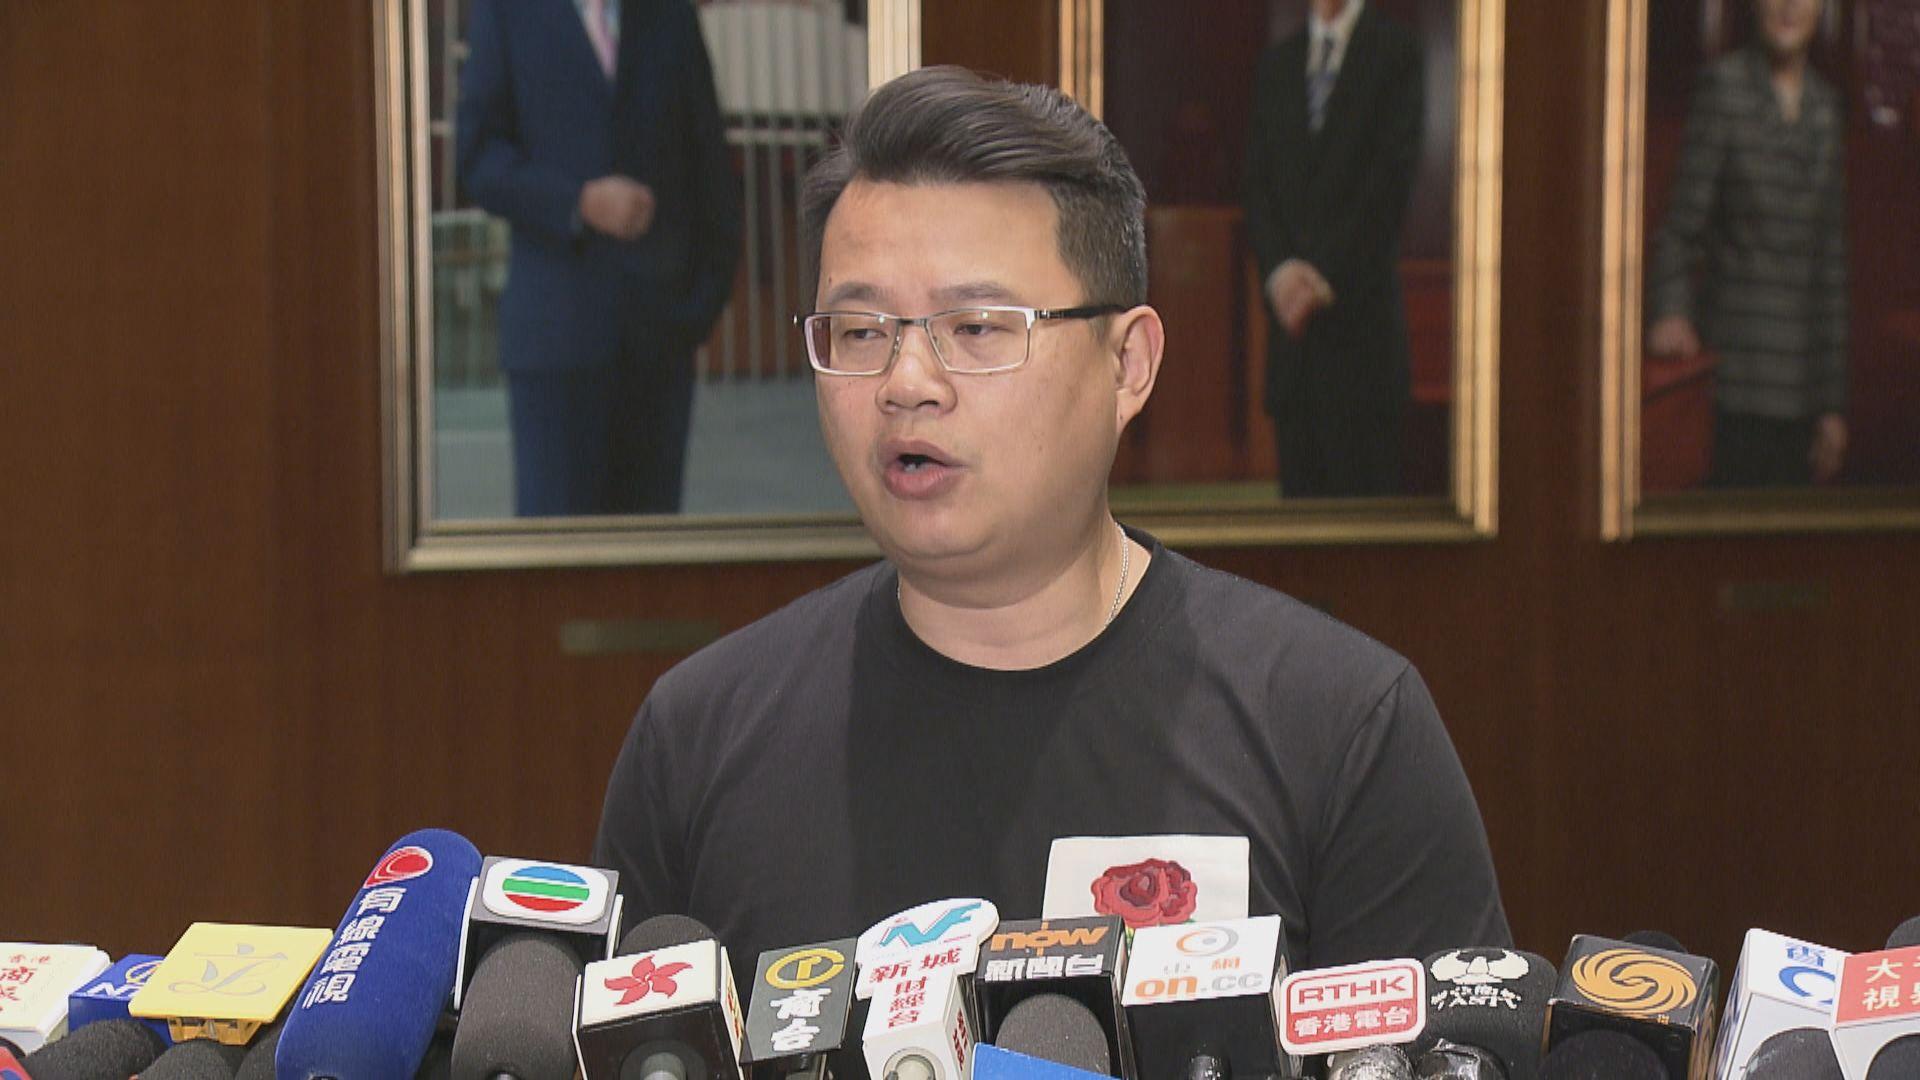 【逃犯條例】尹兆堅︰修改不切實際 依然打擊香港法治